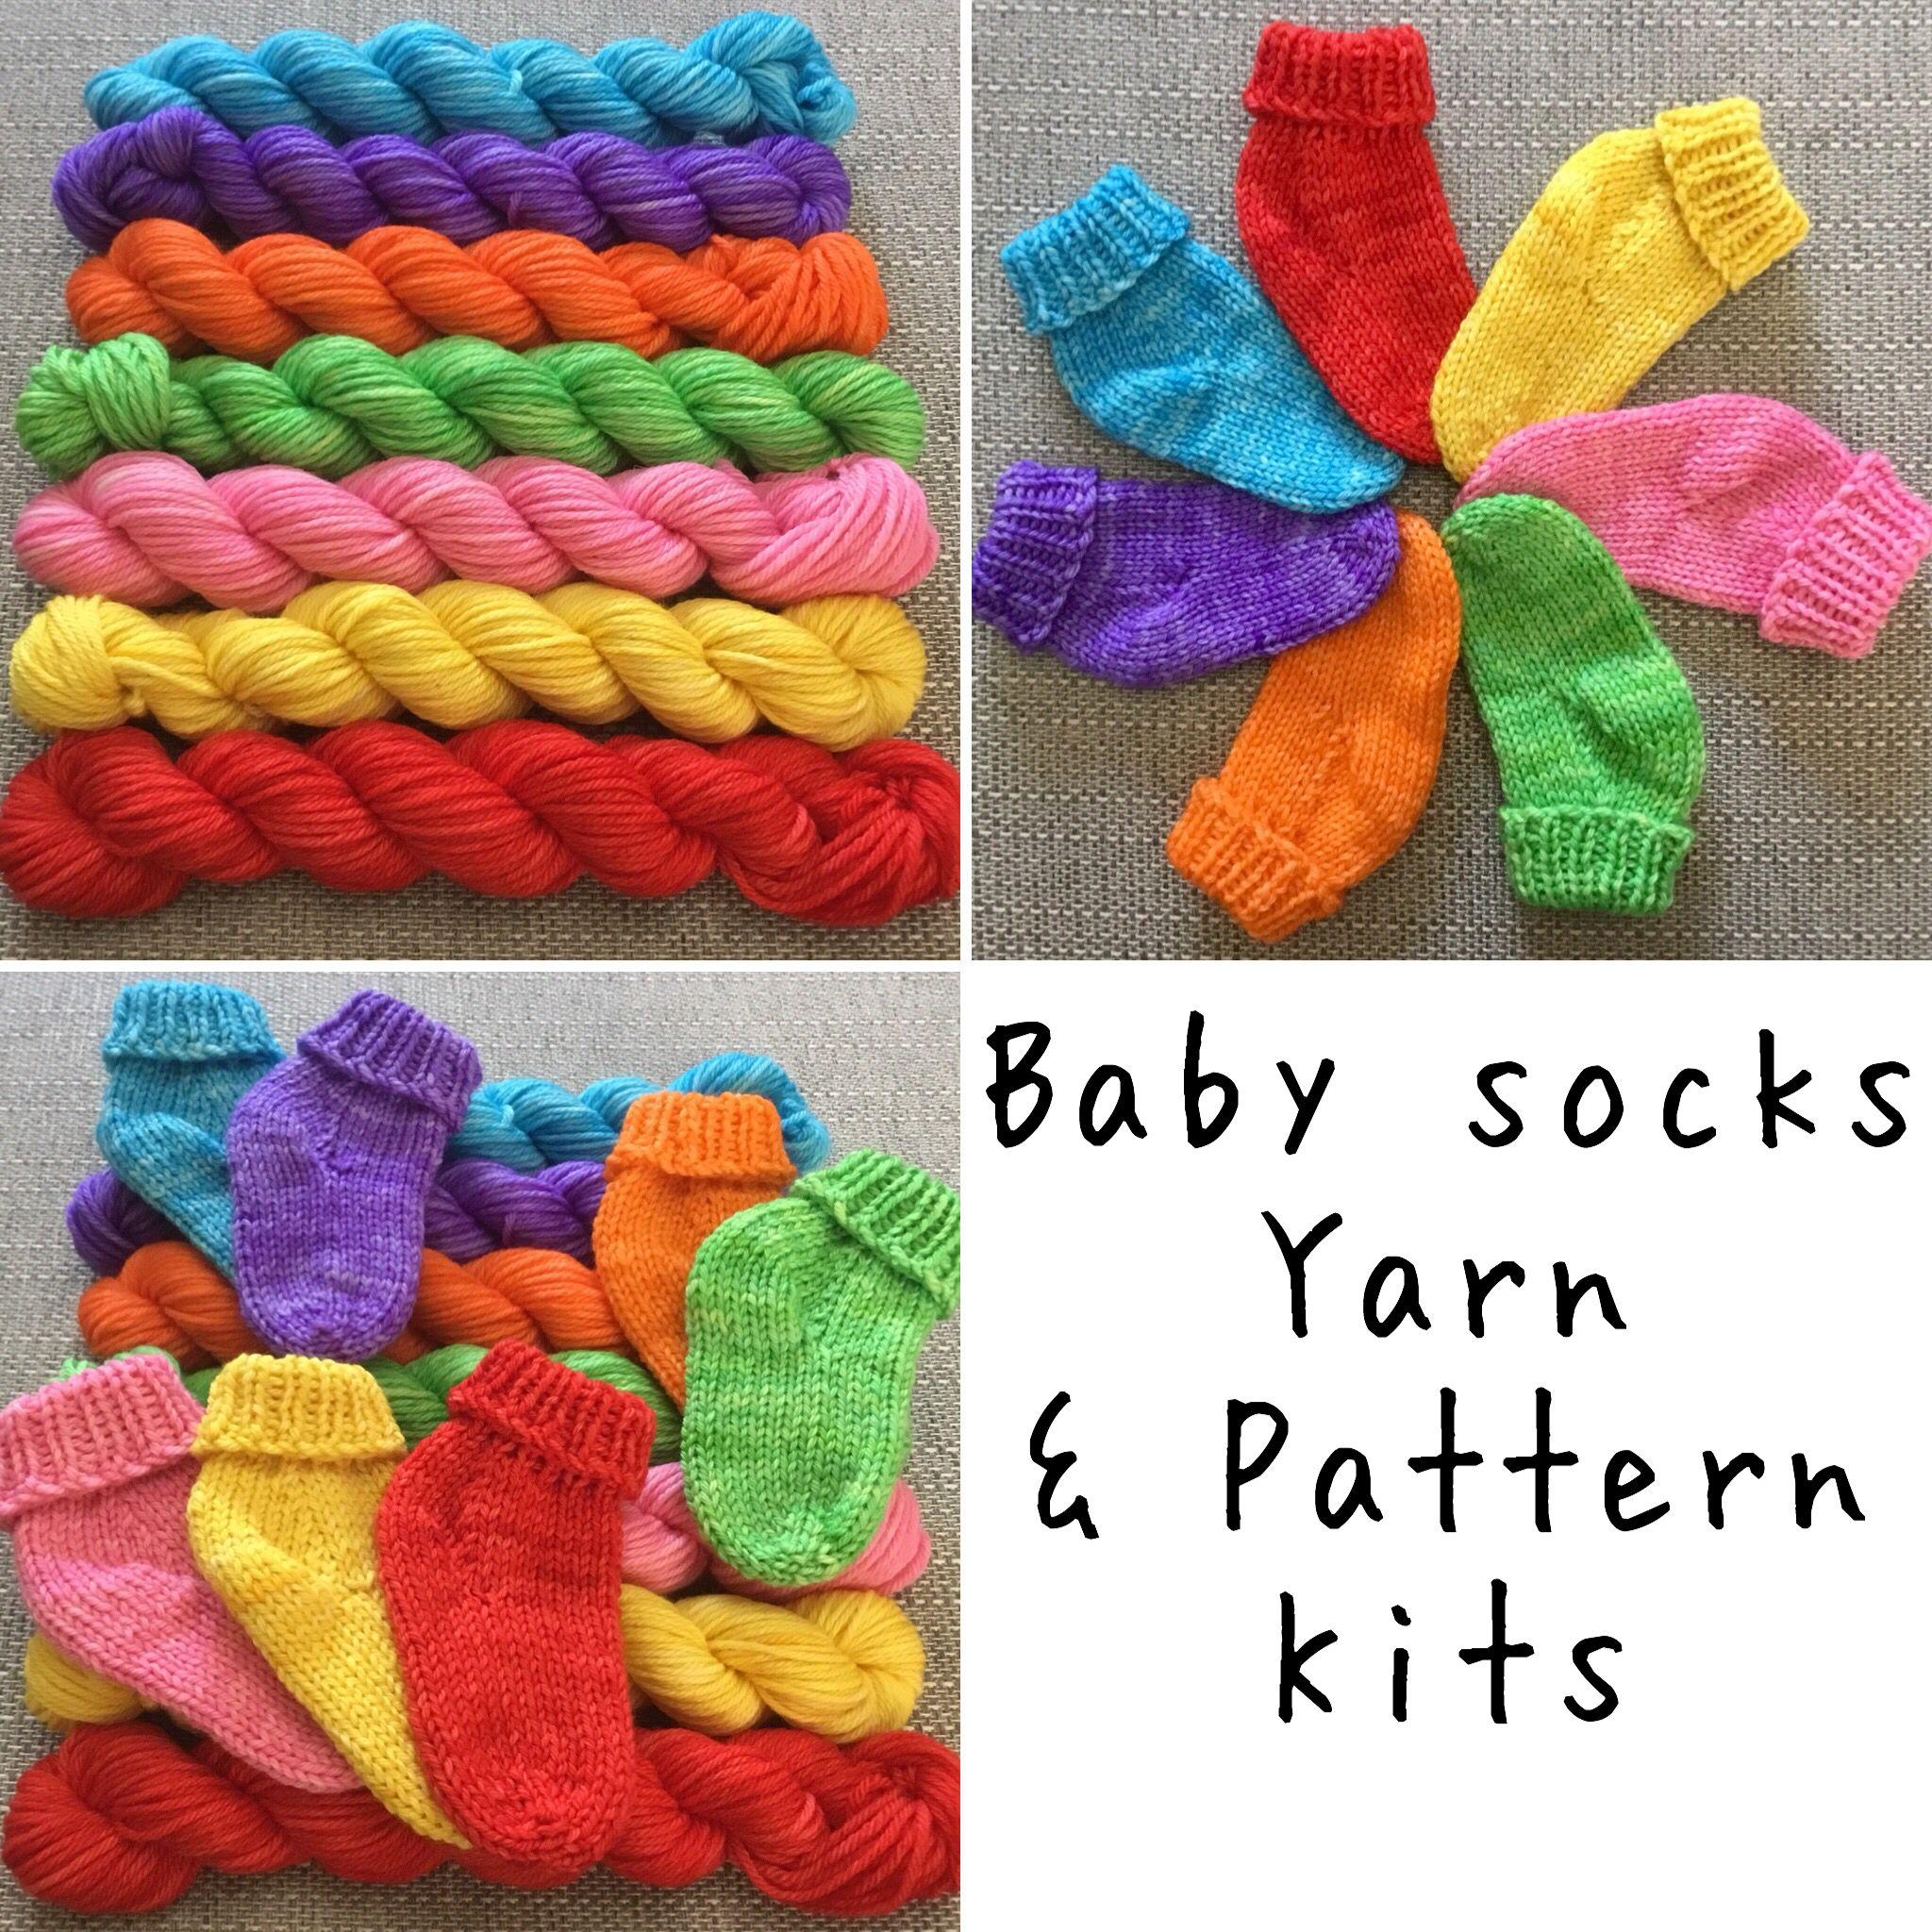 New Baby Rainbow Hand Knit Sock Kits Https Www Etsy Com Uk Shop